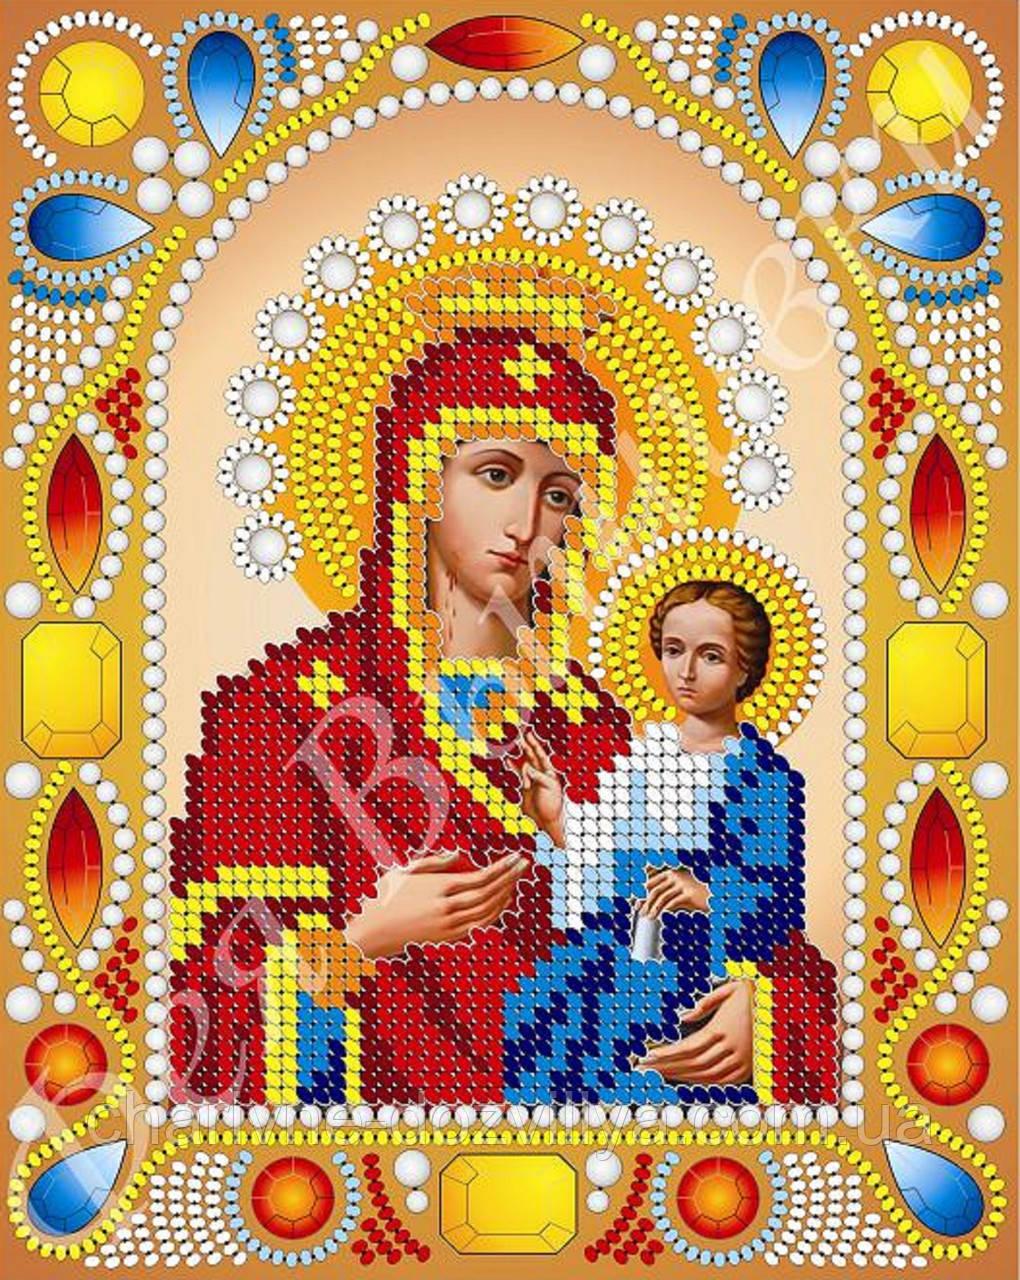 """Схема для вышивки бисером икона """"Богородица Иверская"""" (комплектация жемчугом и камнями)"""